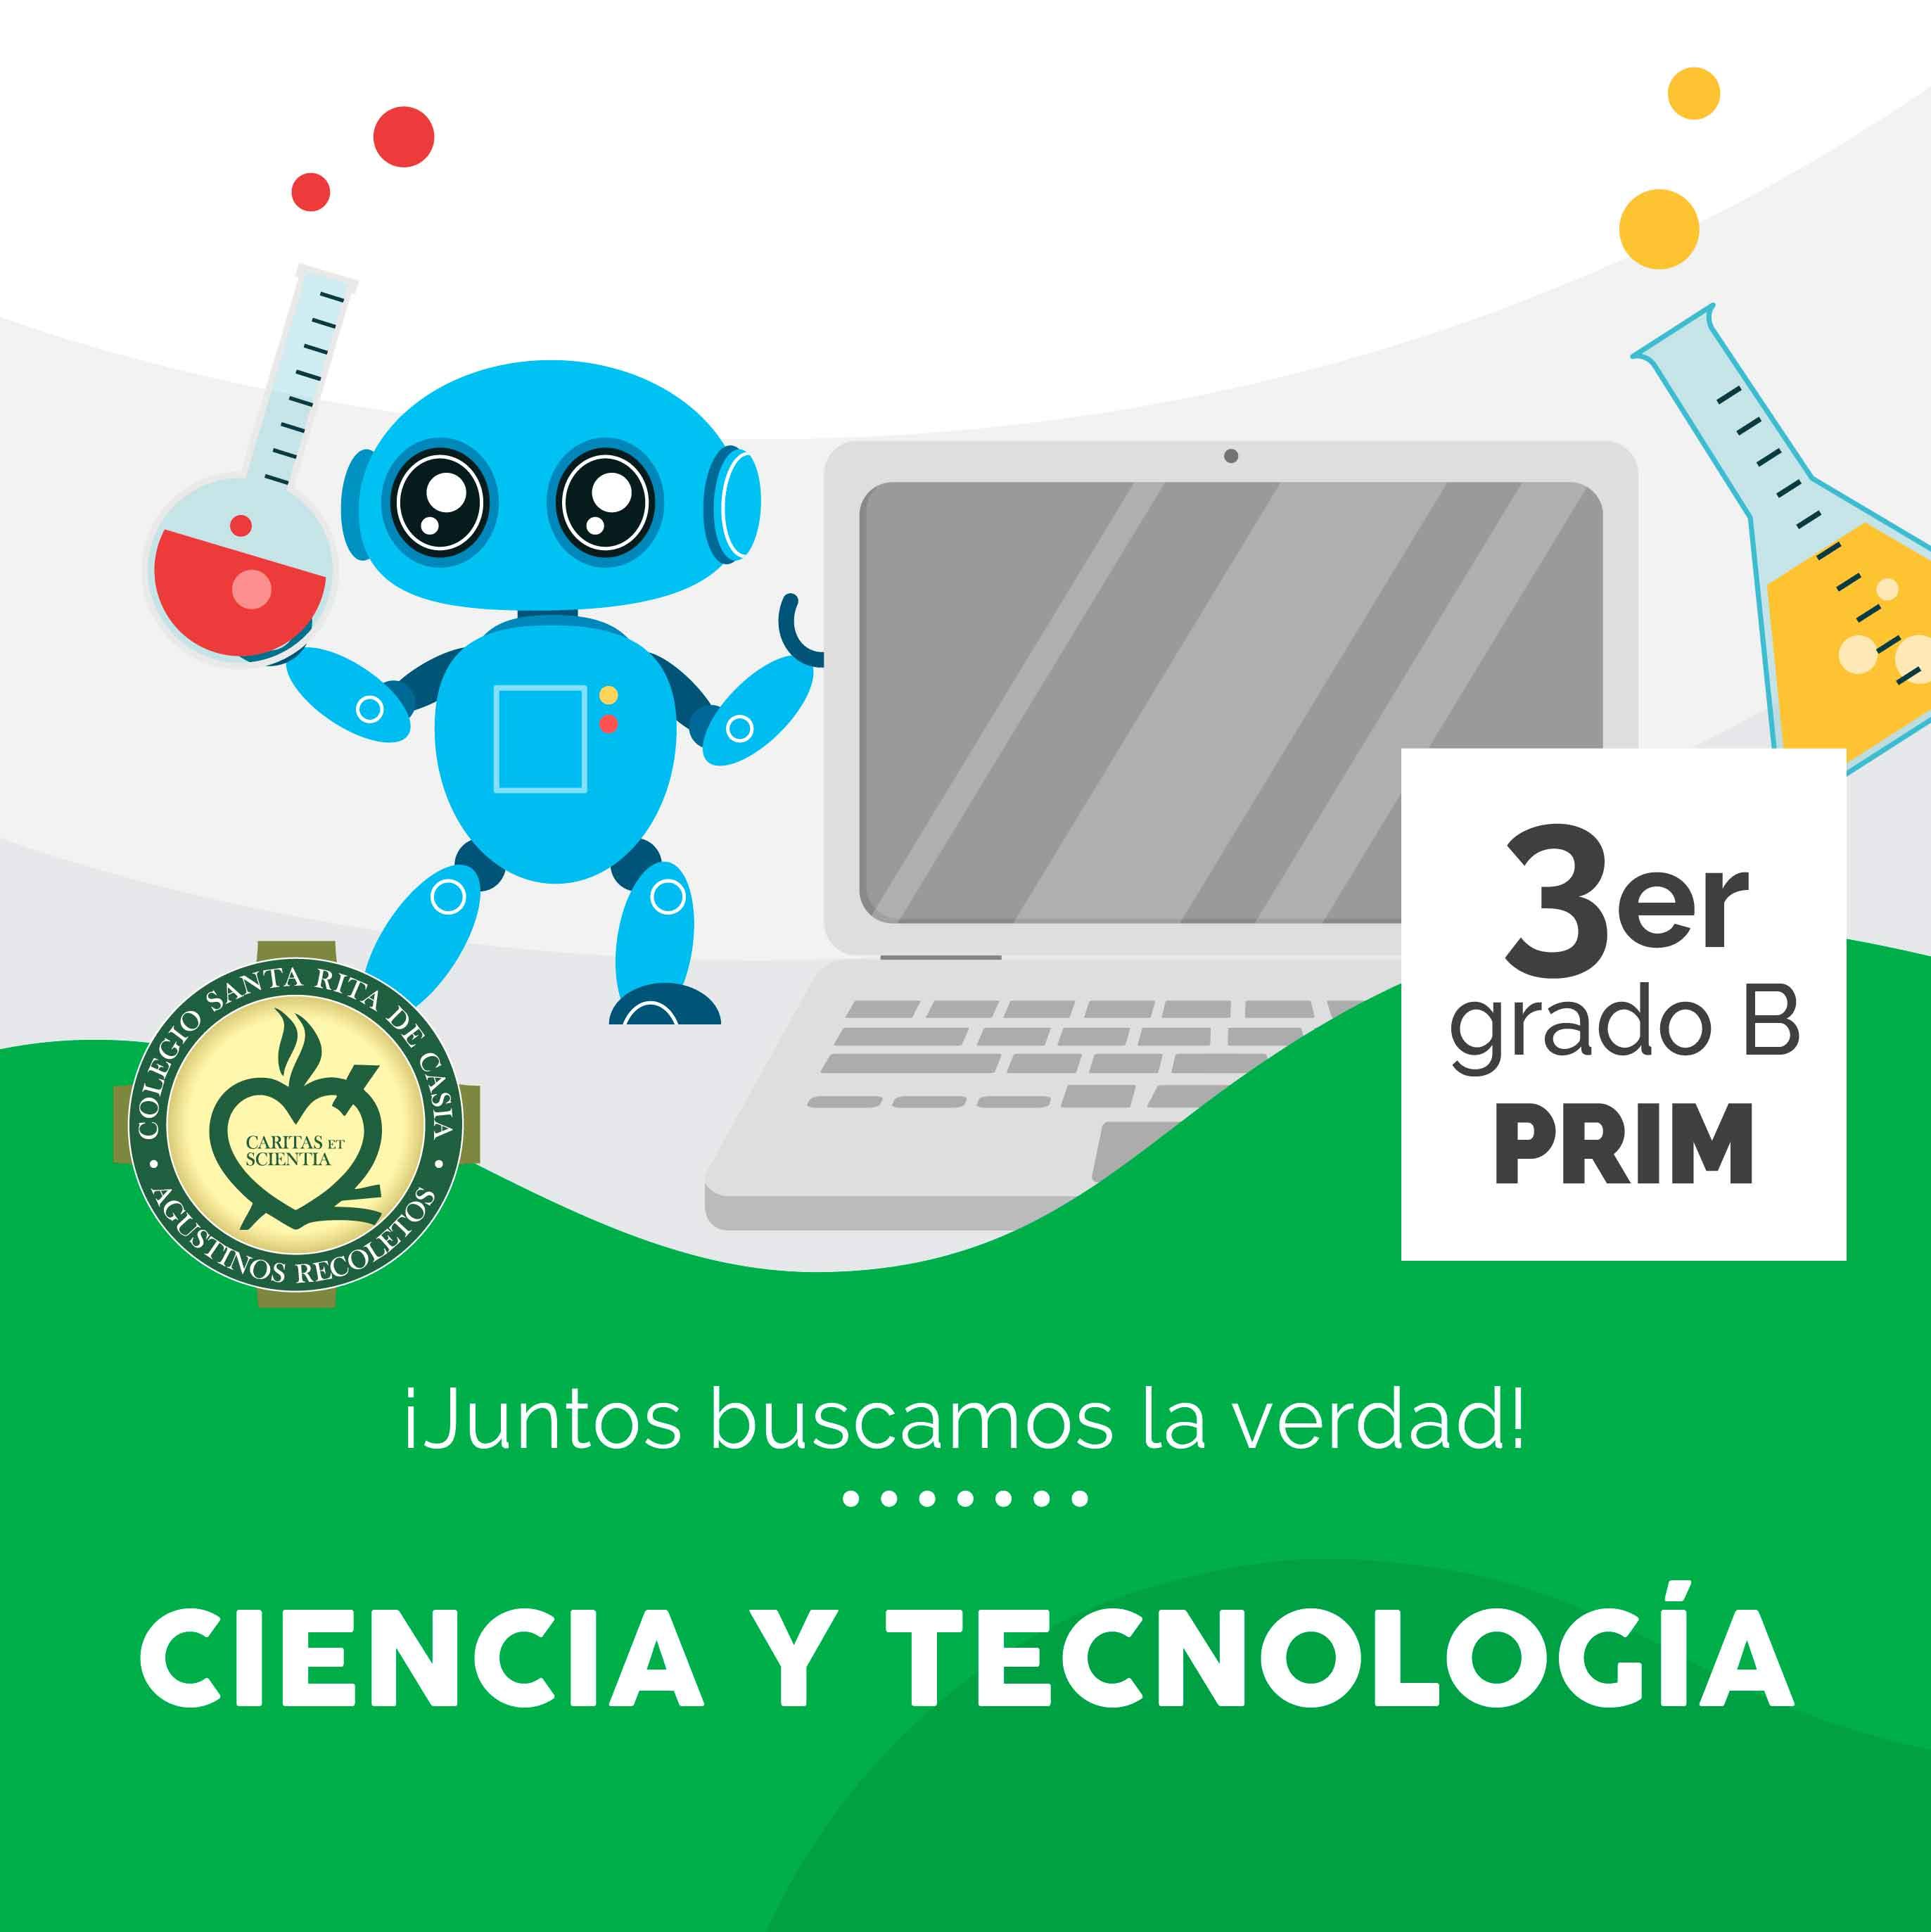 Ciencia y Tecnología 3er Grado B